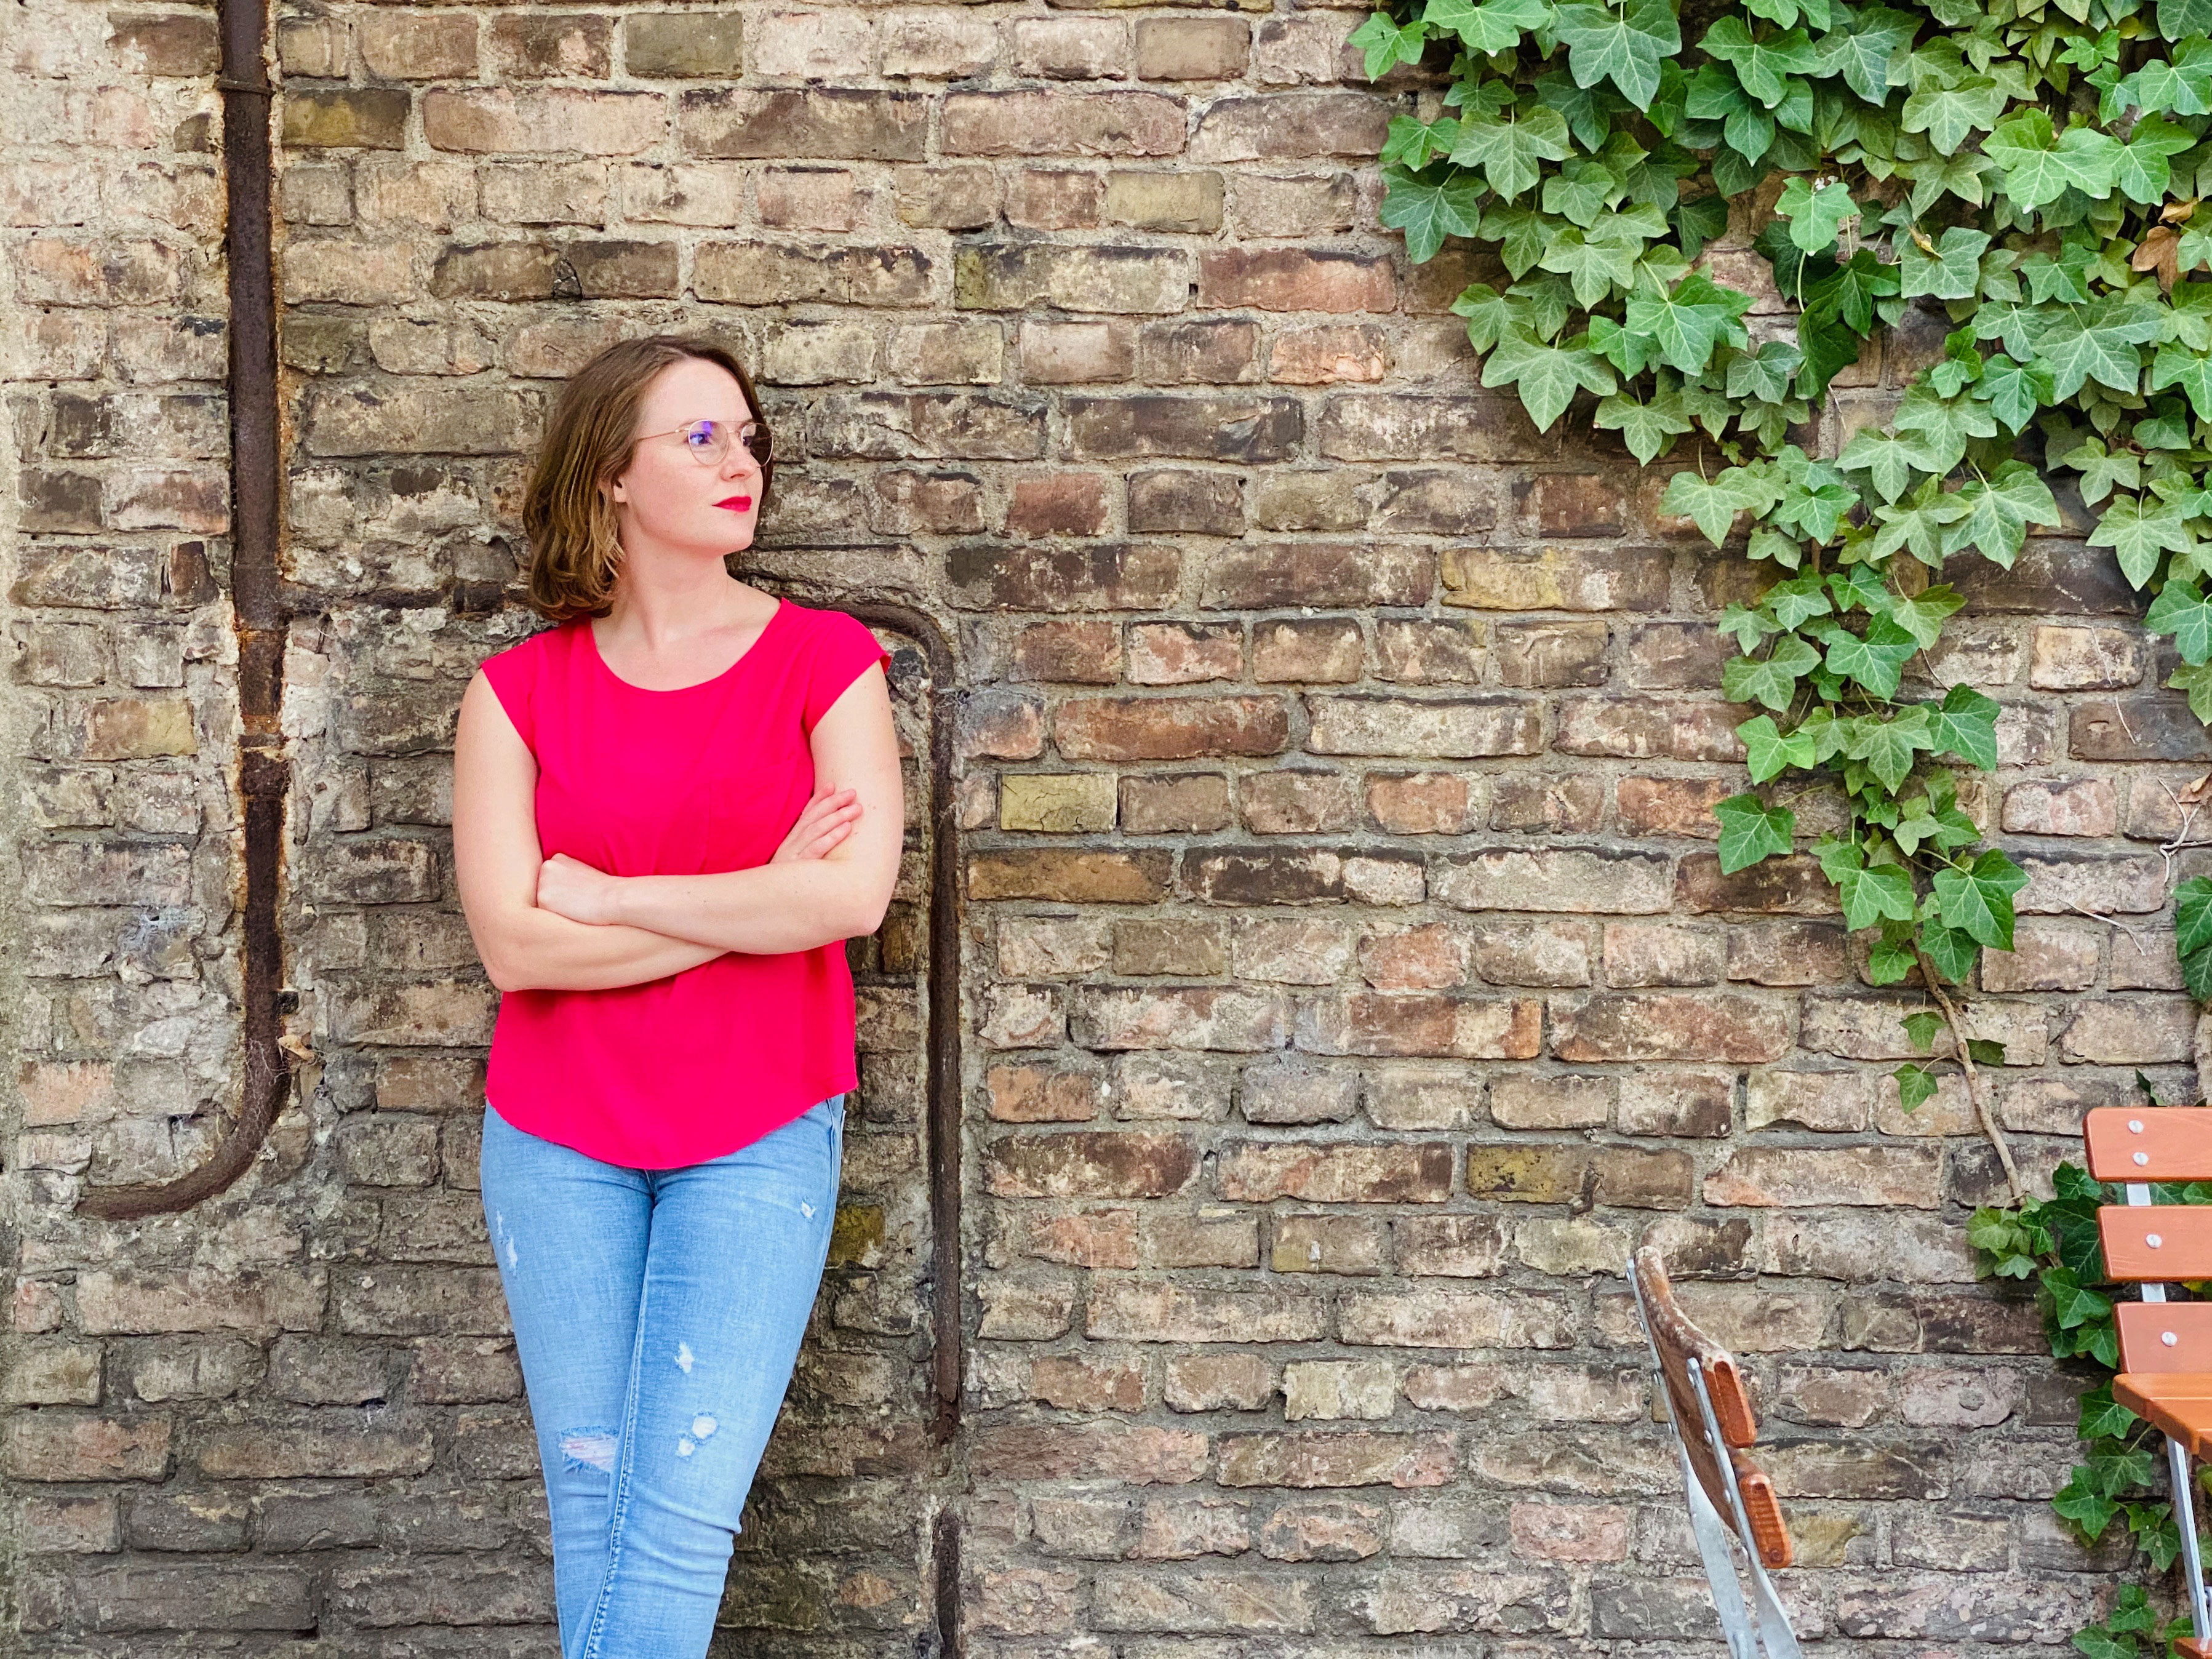 Annika Klose vor Wand